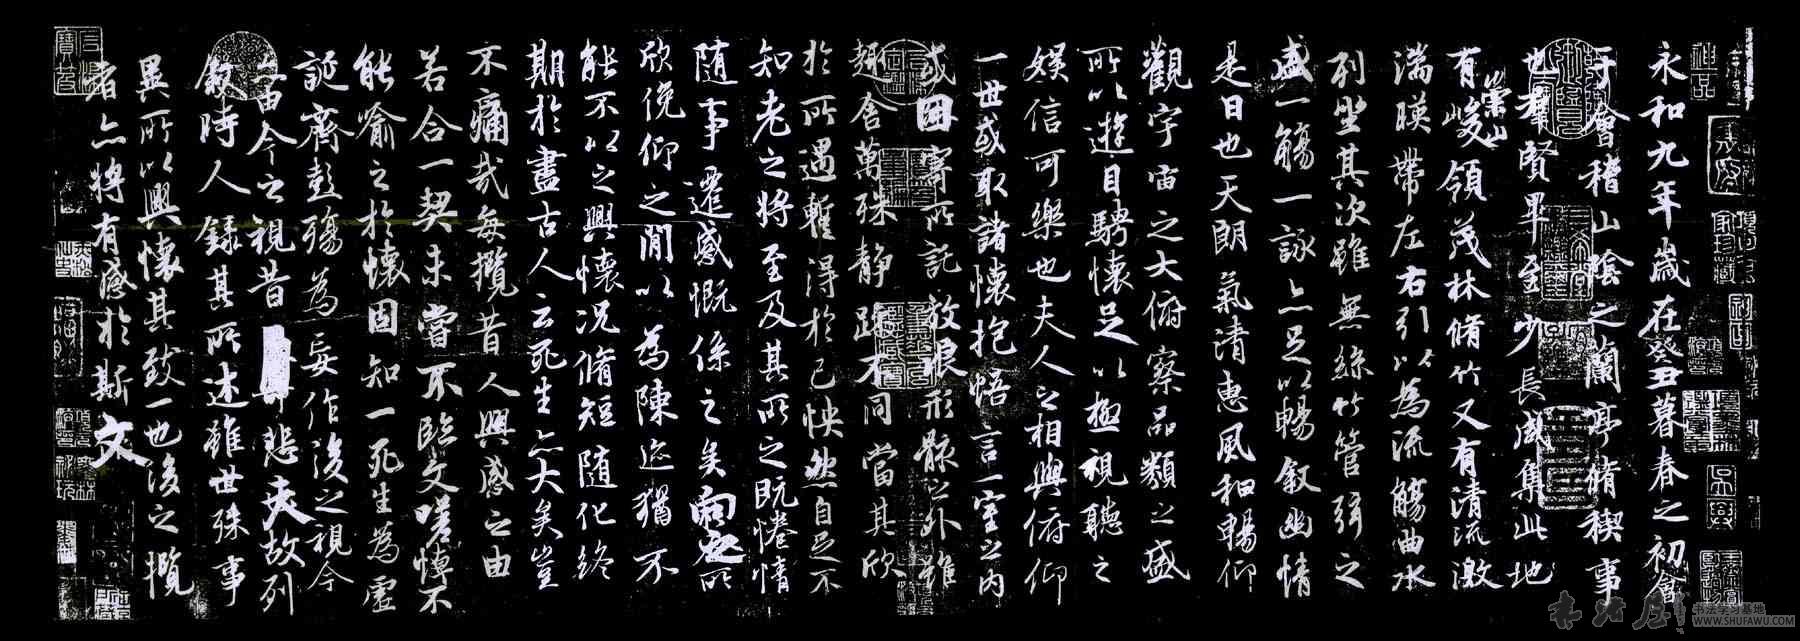 王羲之书法iphone7 6图片